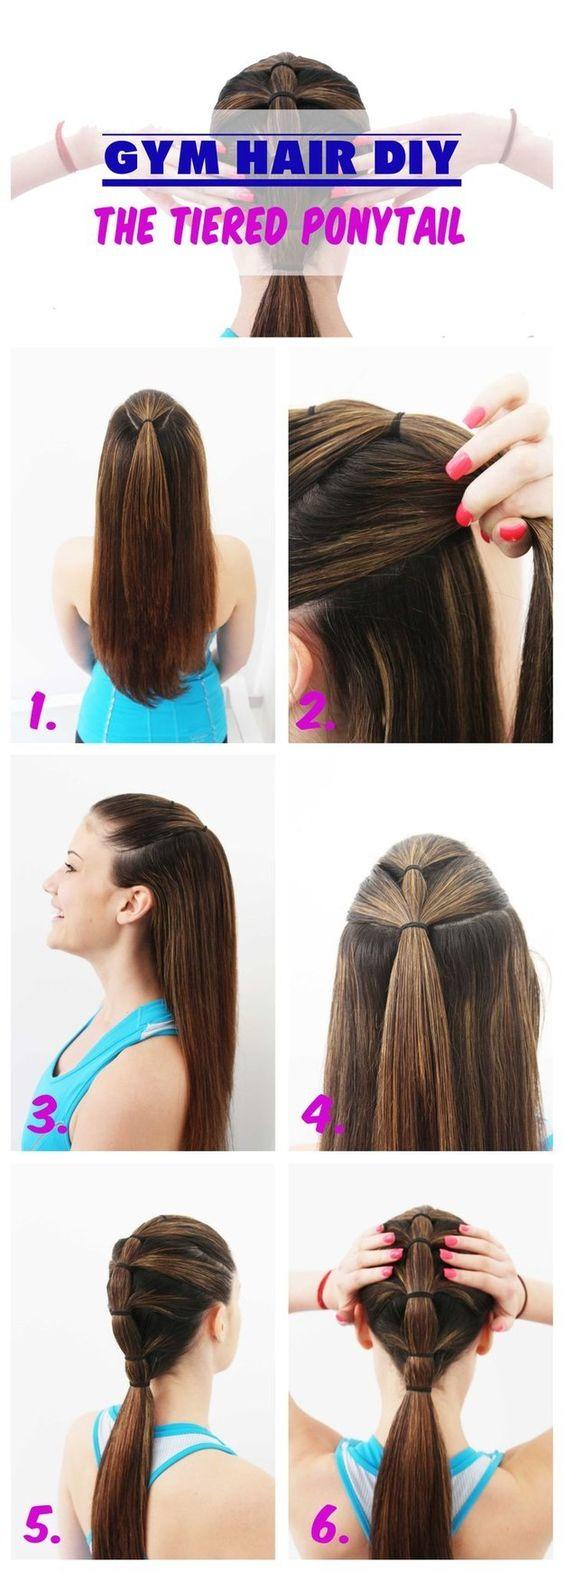 Okul Saç Modelleri Ve Yapılışları Hakkında Aradığınız Her şey